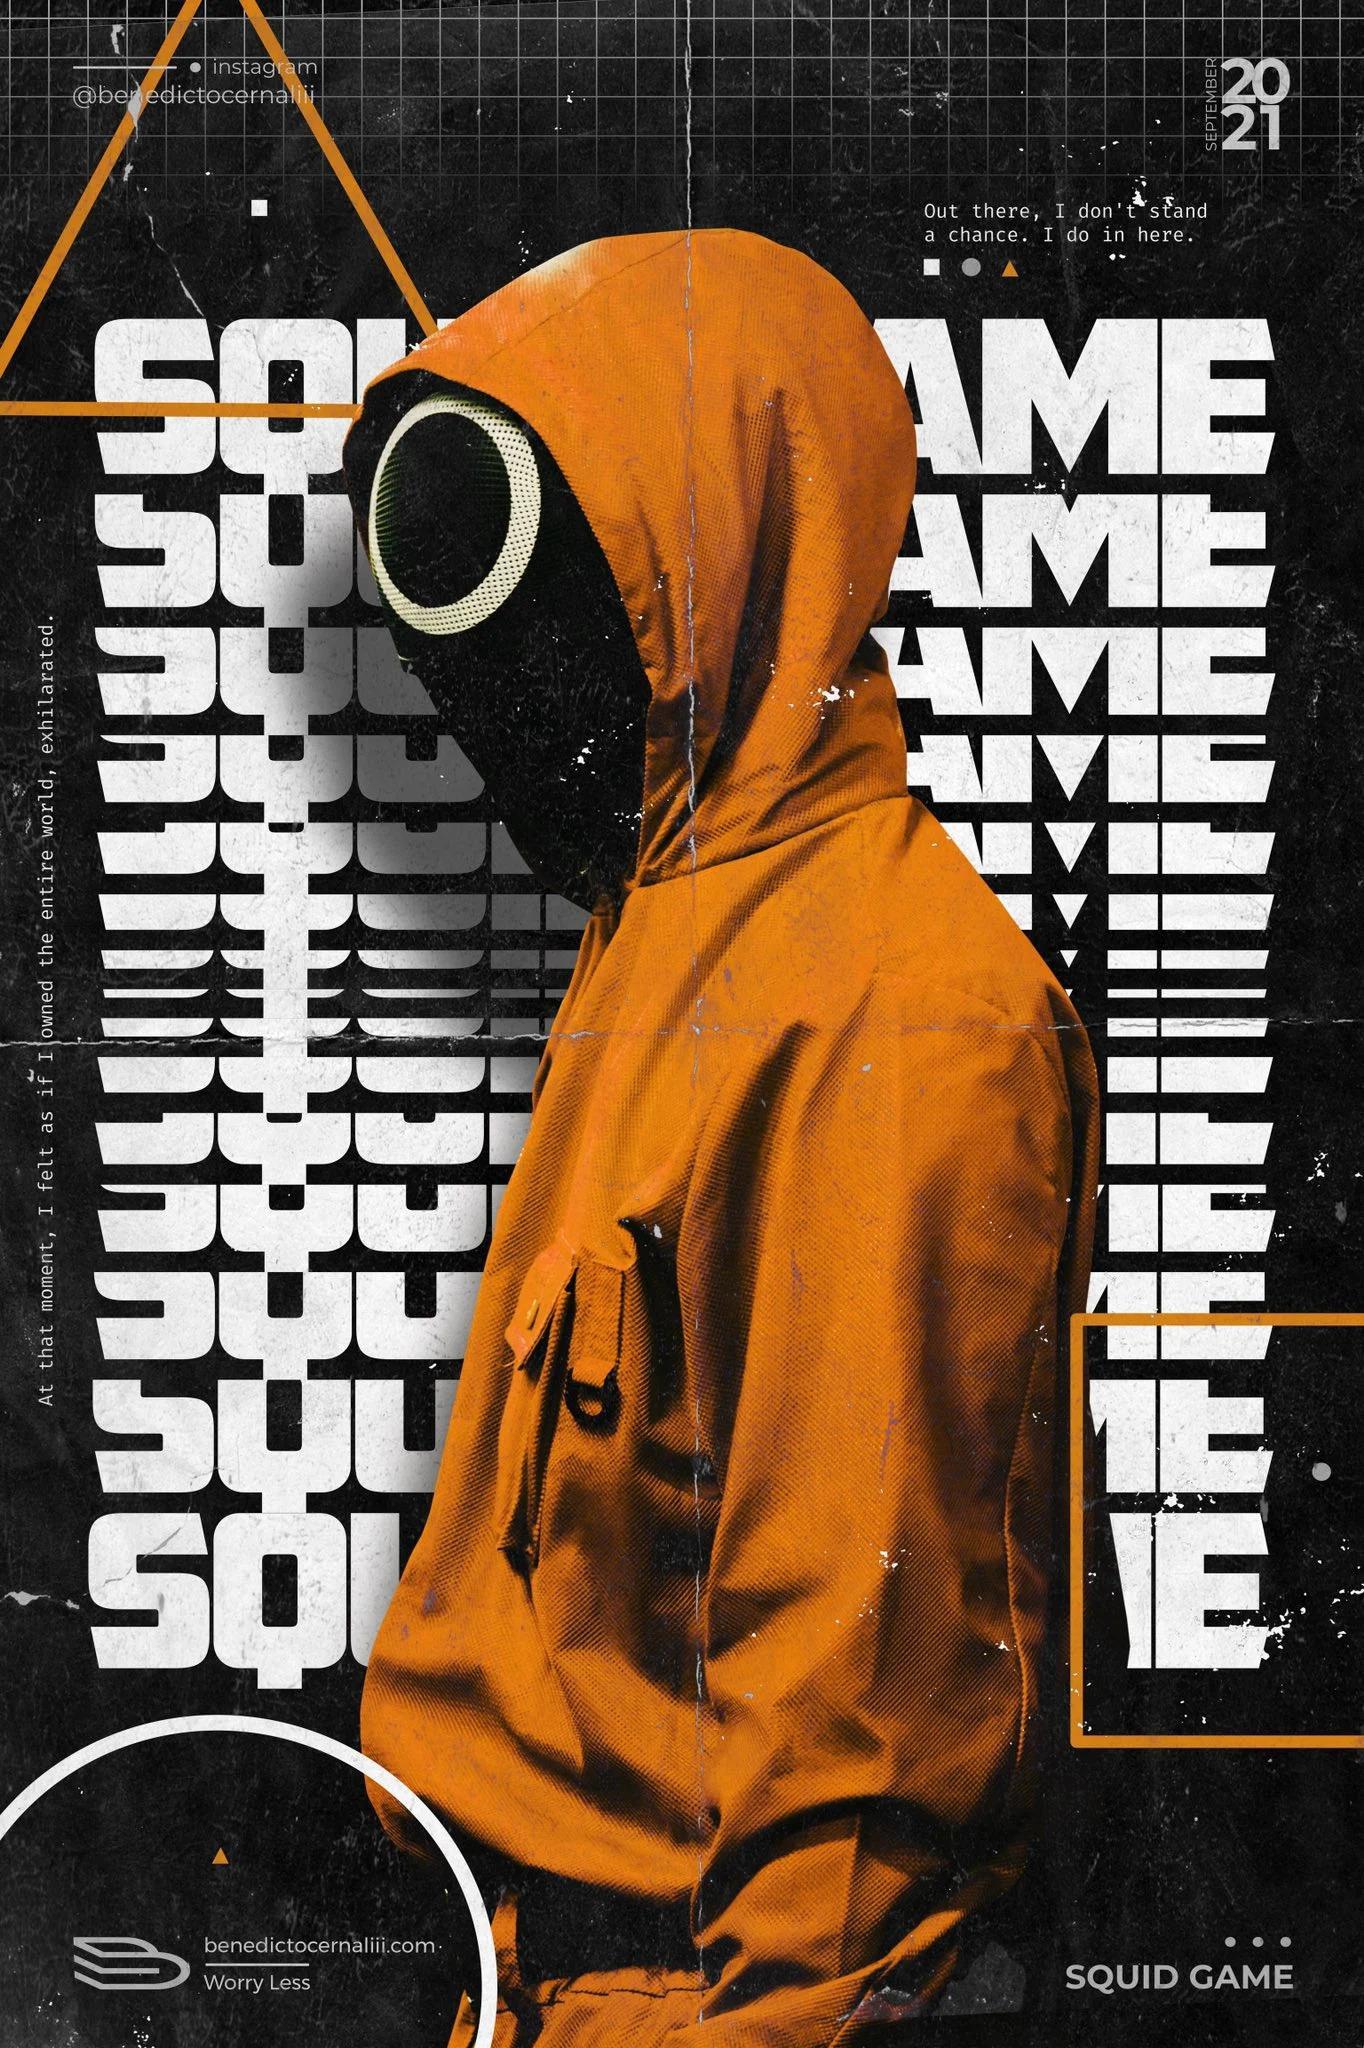 عکس زمینه پوستر نارنجی سریال بازی مرکب Squid Game پس زمینه